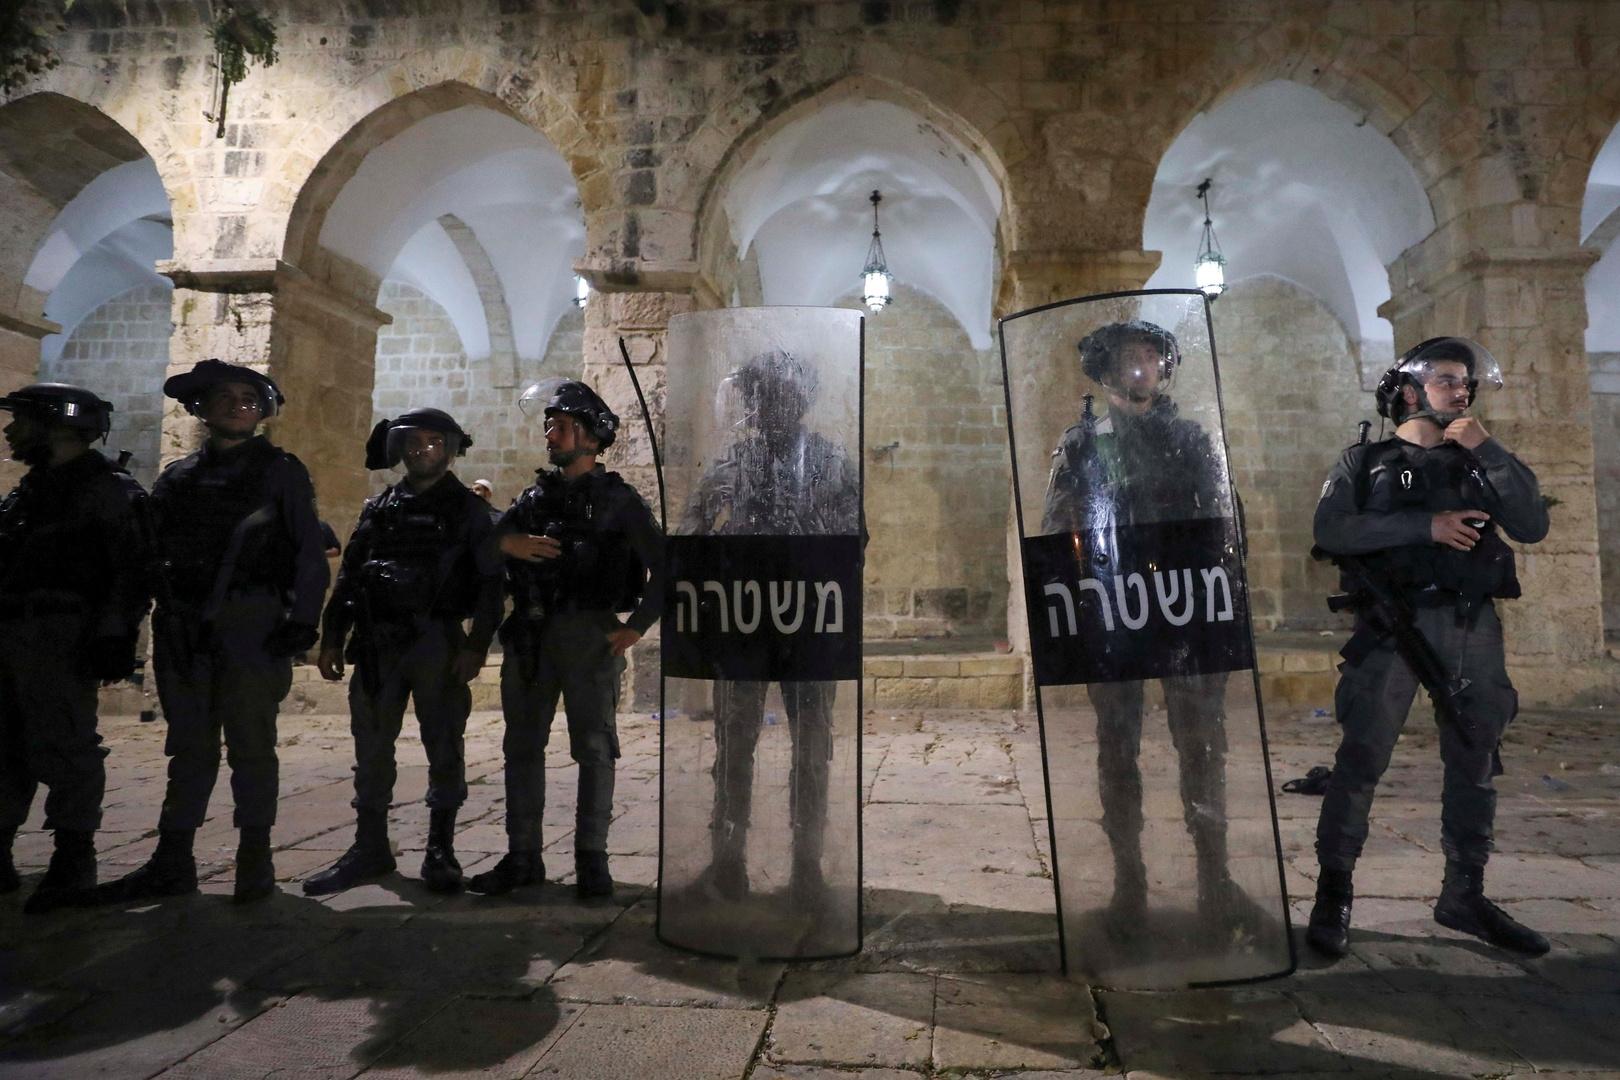 روسيا: ندين الاعتداءات على المدنيين في القدس وندعو جميع الأطراف لتفادي التصعيد